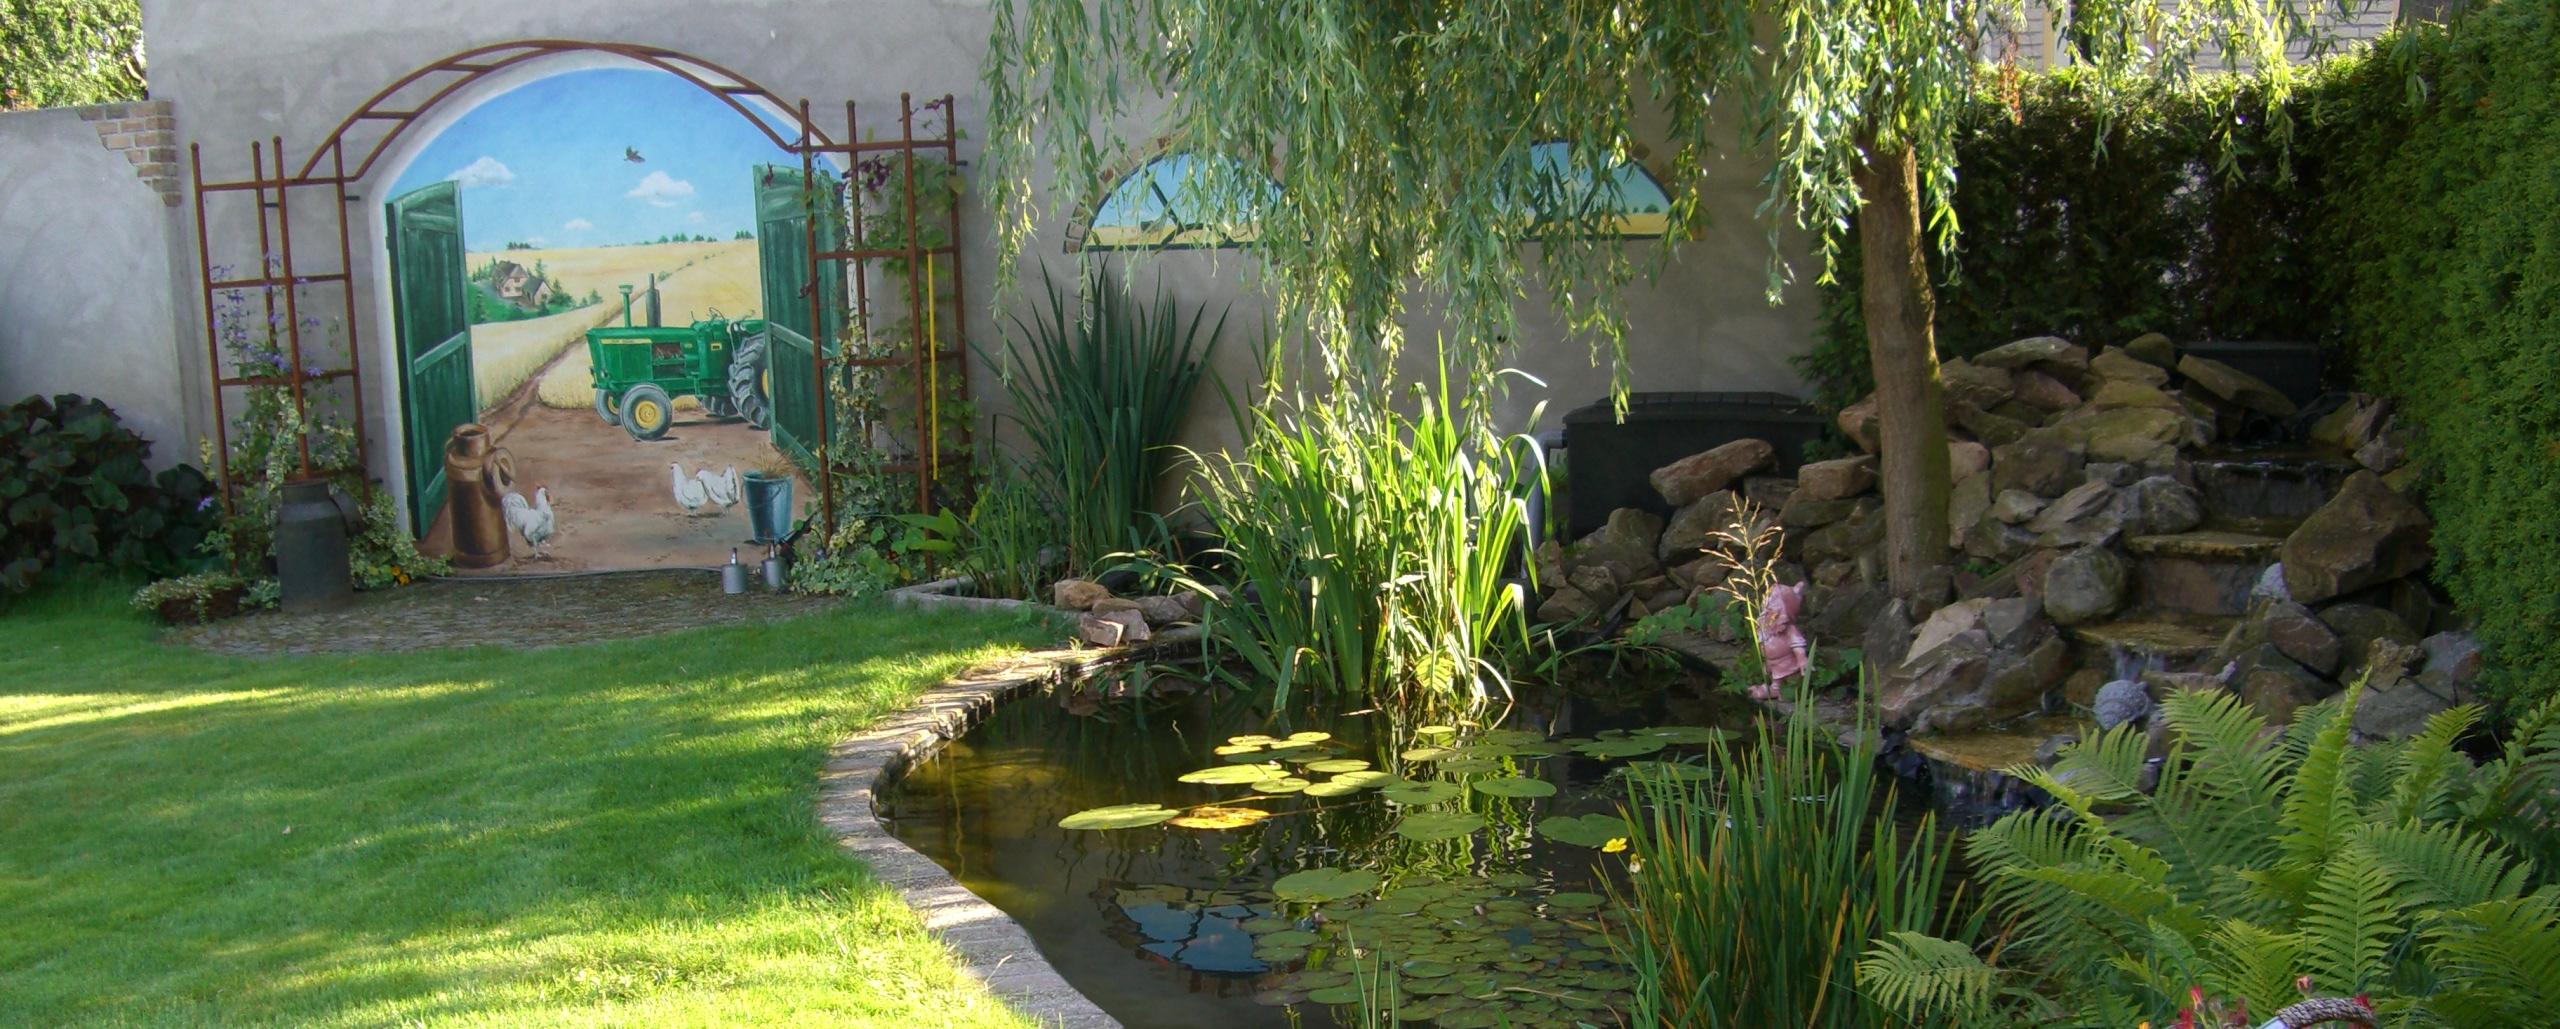 Klant 16 landscaping parkstad - Creeren van een tuin allee ...